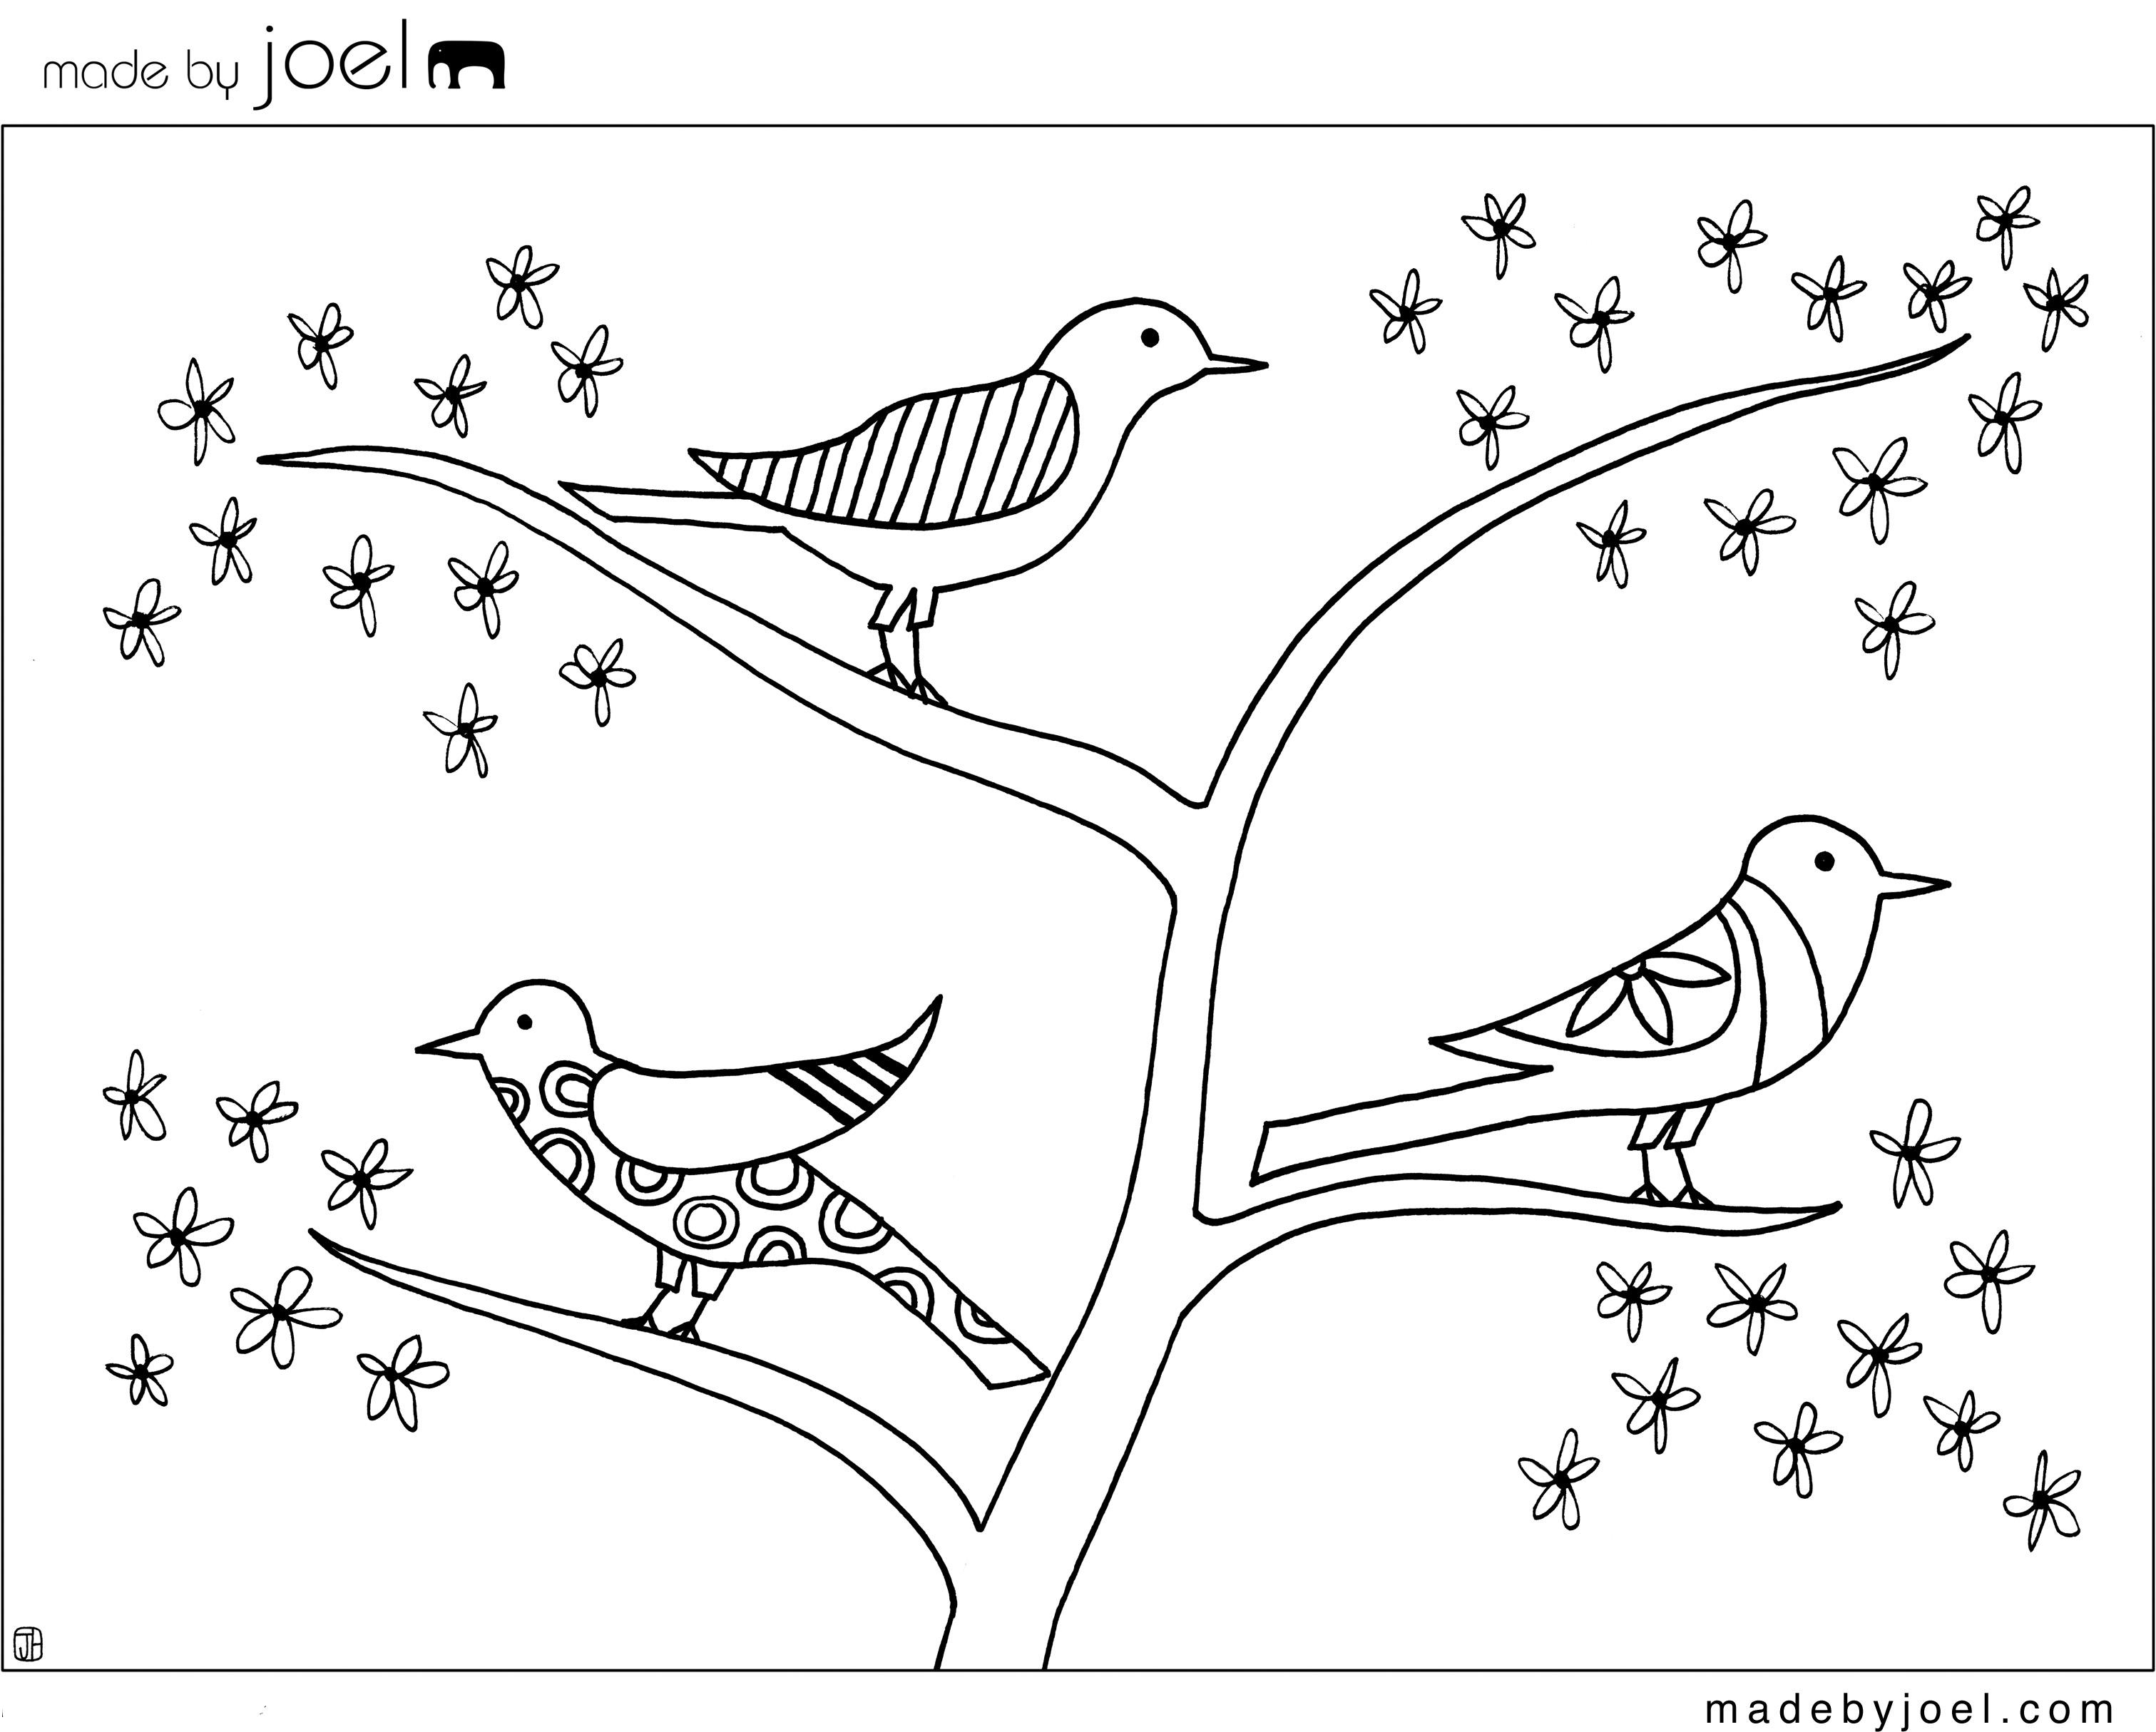 Free Printable Bird Coloring Sheet